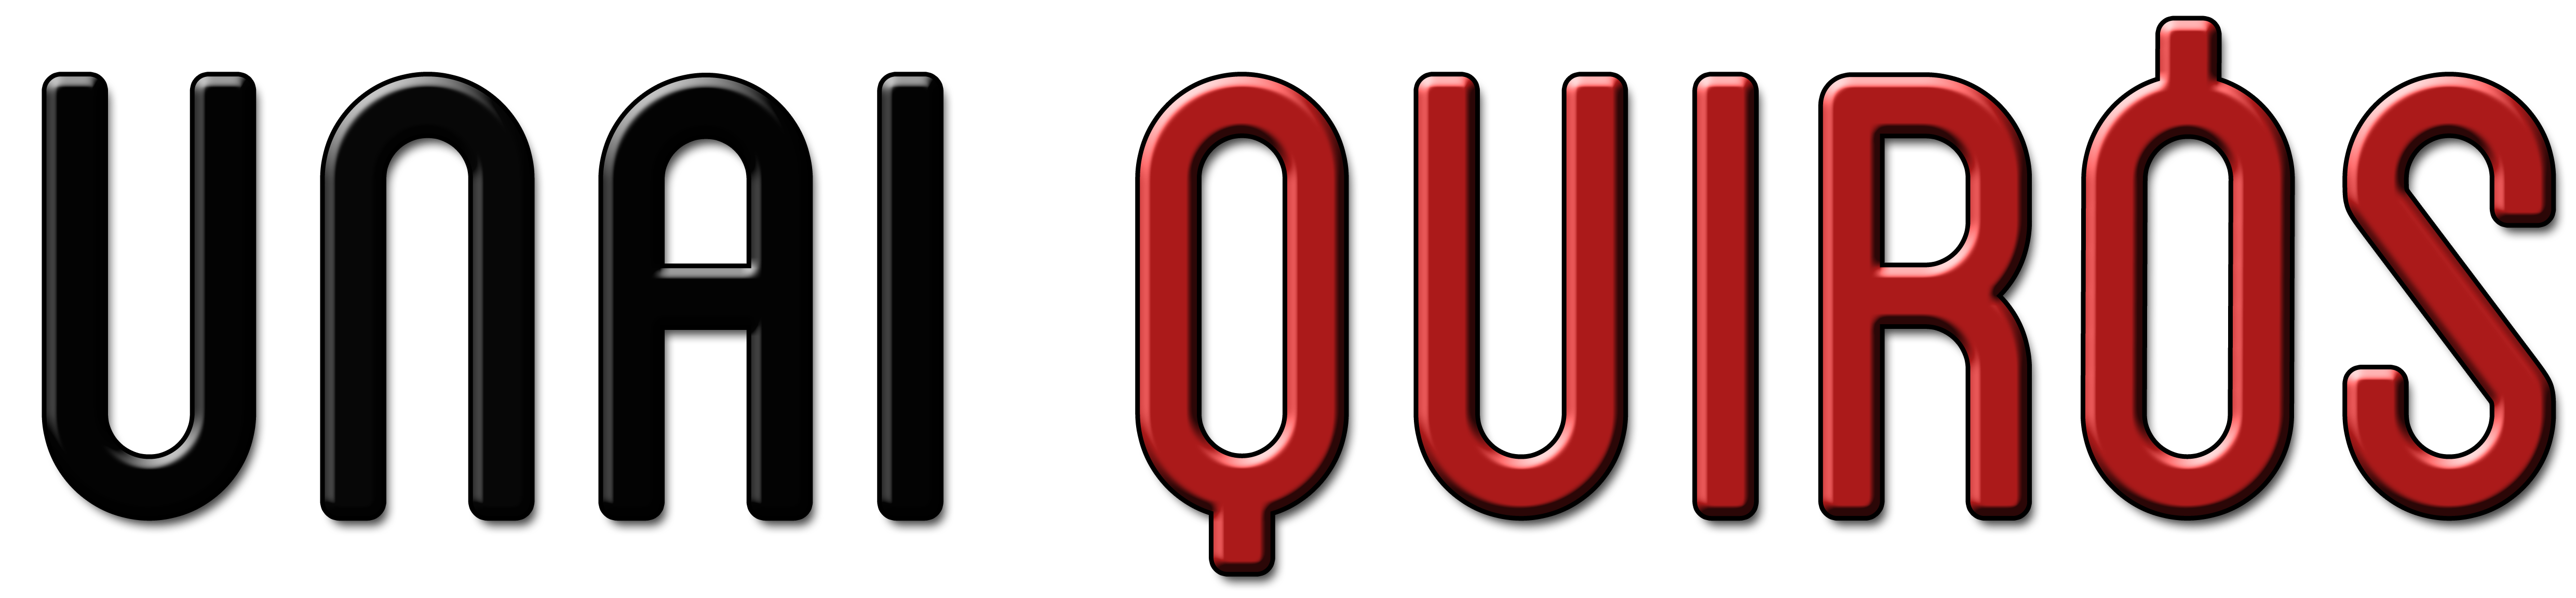 Unai Quirós